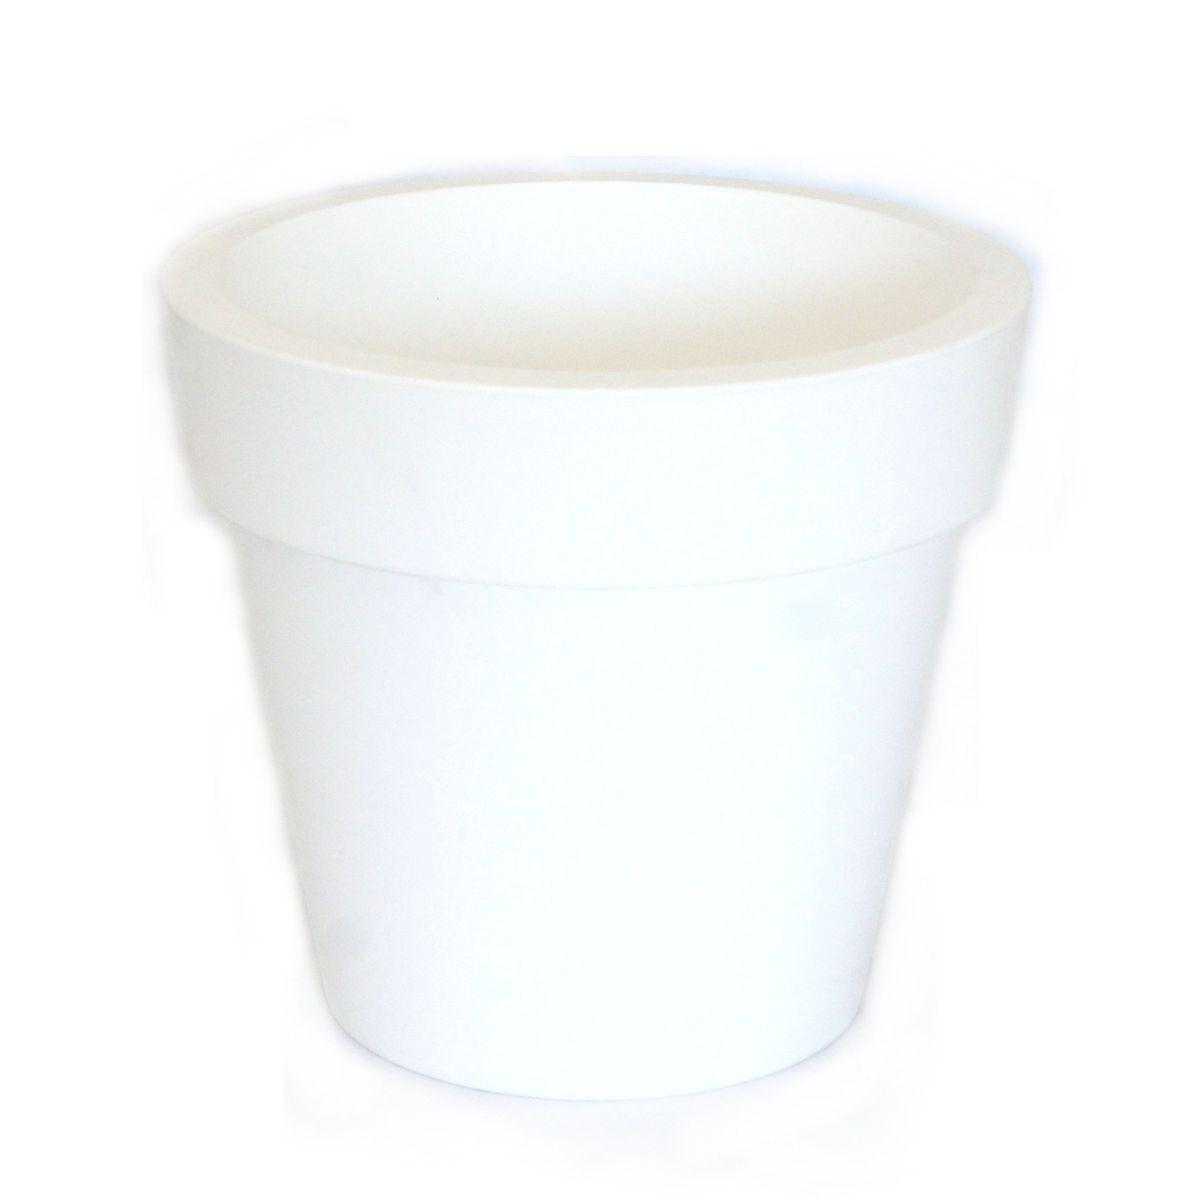 Кашпо JetPlast Порто, со вставкой, цвет: белый, 3,5 л868034Кашпо Порто классической формы с внутренней вставкой-горшком. Дренажная вставка позволяет легко поливать растения без использования дополнительного поддона. Вместительный объем кашпо позволяет высаживать самые разнообразные растения, а съемная вставка избавит вас от грязи и подчеркнет красоту цветка. Оно изготовлено из прочного полипропилена (пластика). Объем кашпо: 3,5 л.Высота кашпо: 18 см.Диаметр по верхнему краю: 20 см.